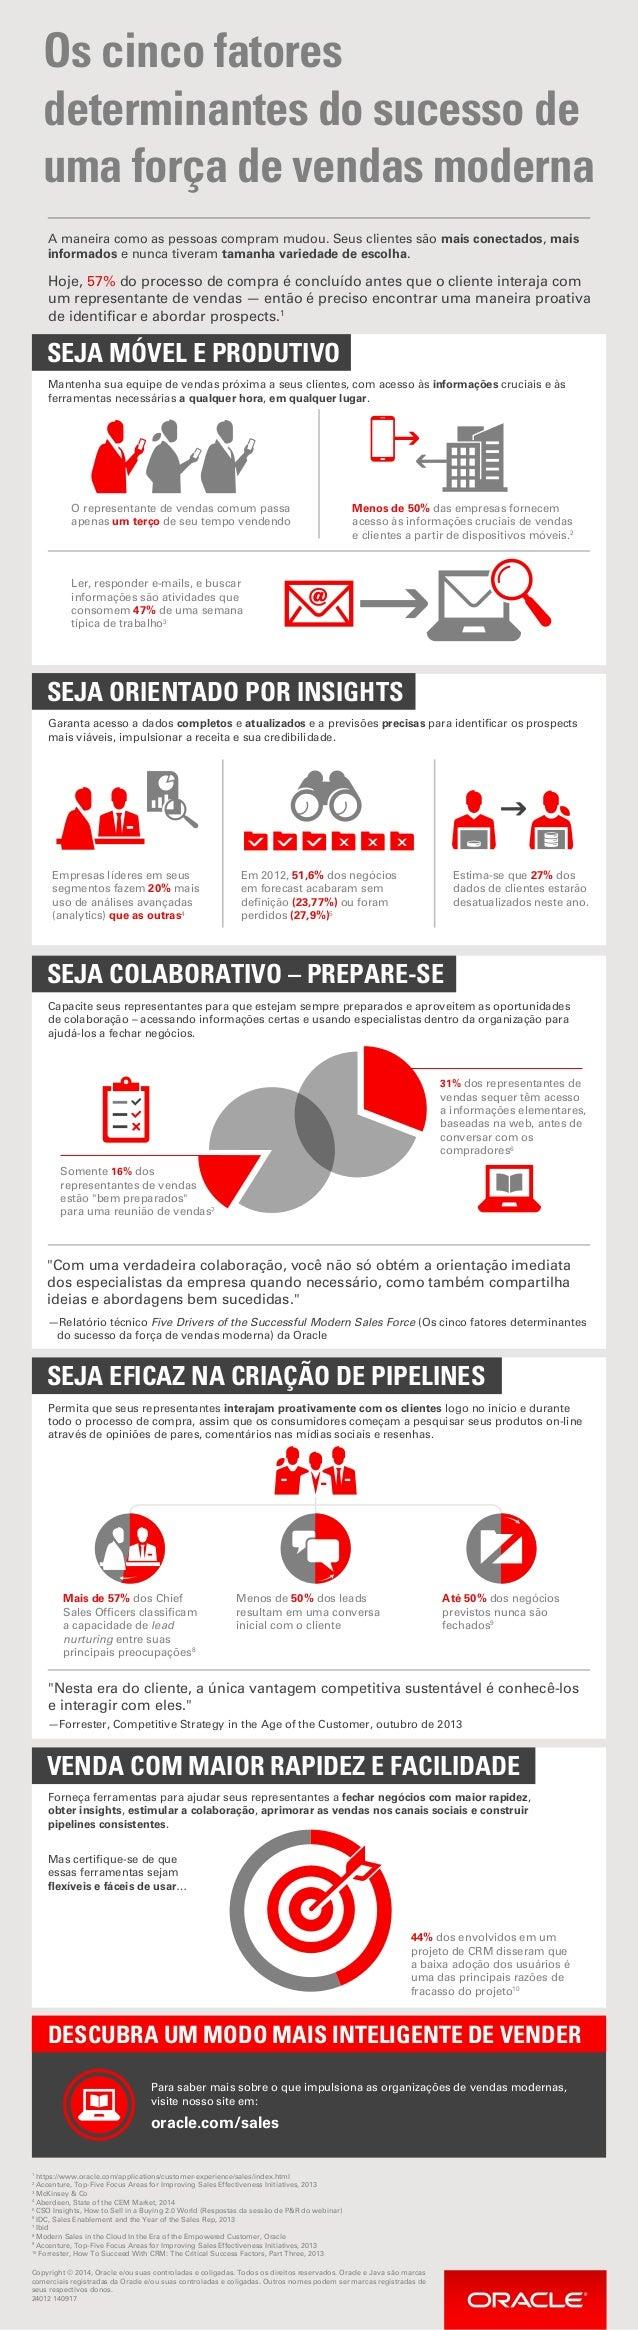 VENDA COM MAIOR RAPIDEZ E FACILIDADE Forneça ferramentas para ajudar seus representantes a fechar negócios com maior rapid...